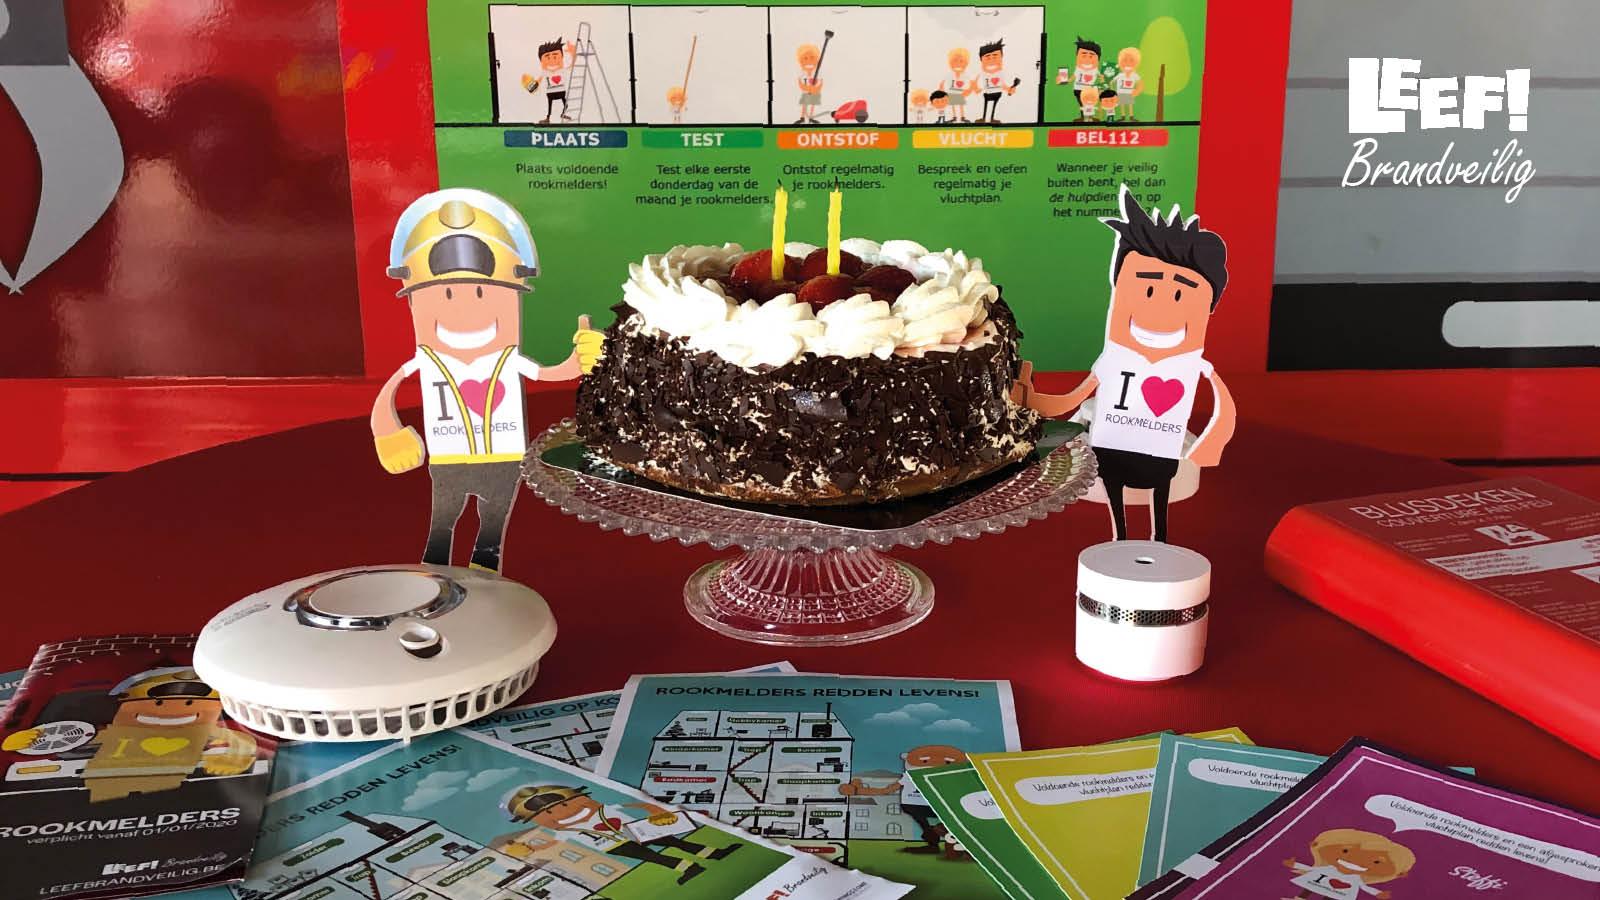 Leef Brandveilig viert zijn 2de verjaardag!